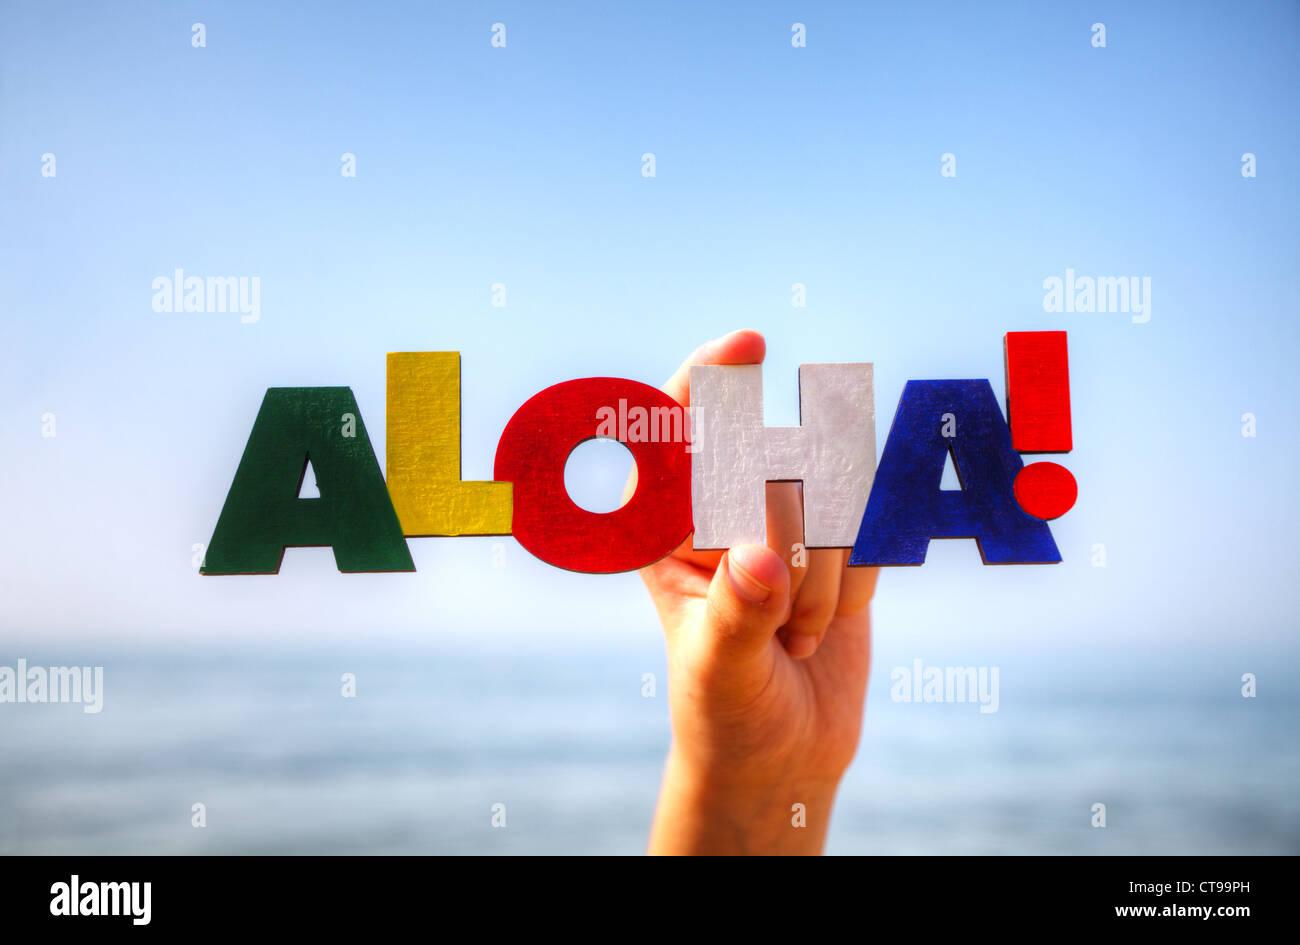 """La femmina mano azienda colorita parola """"Aloha"""" contro sfondo blu Immagini Stock"""